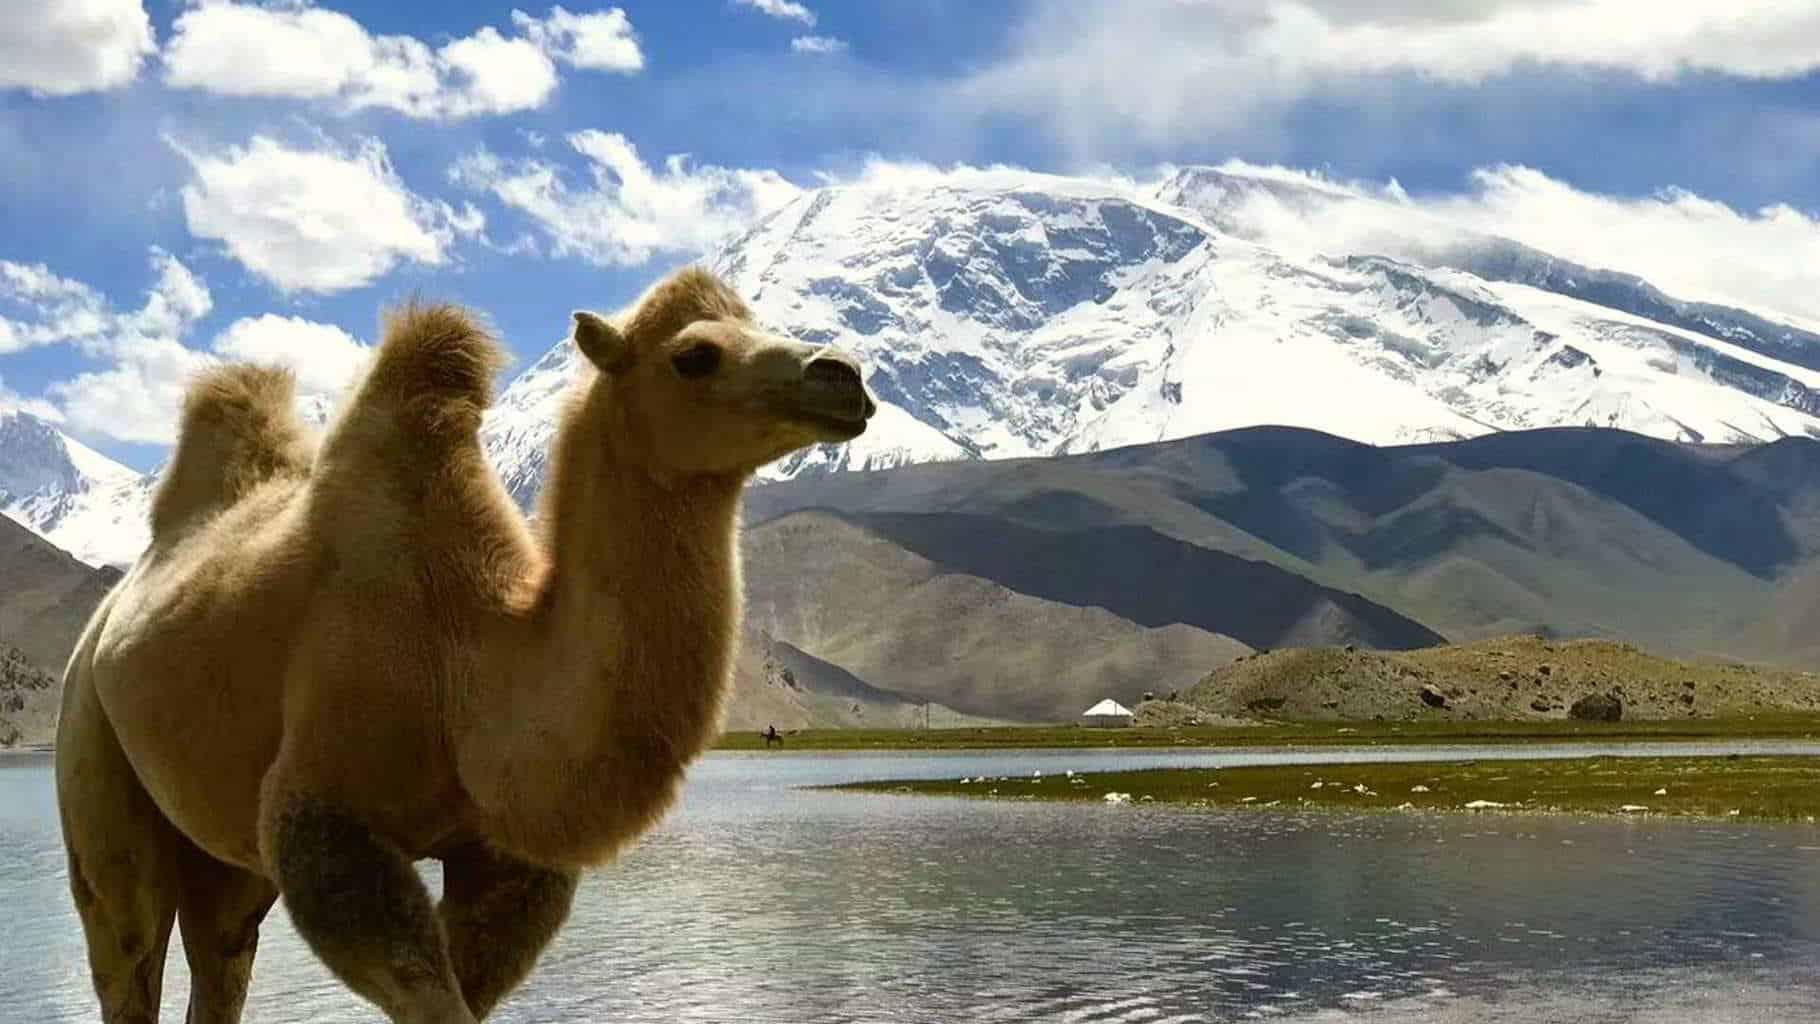 A Camel along the Karakoram highway in China close to Muztagh Ata peak close to Pakistan